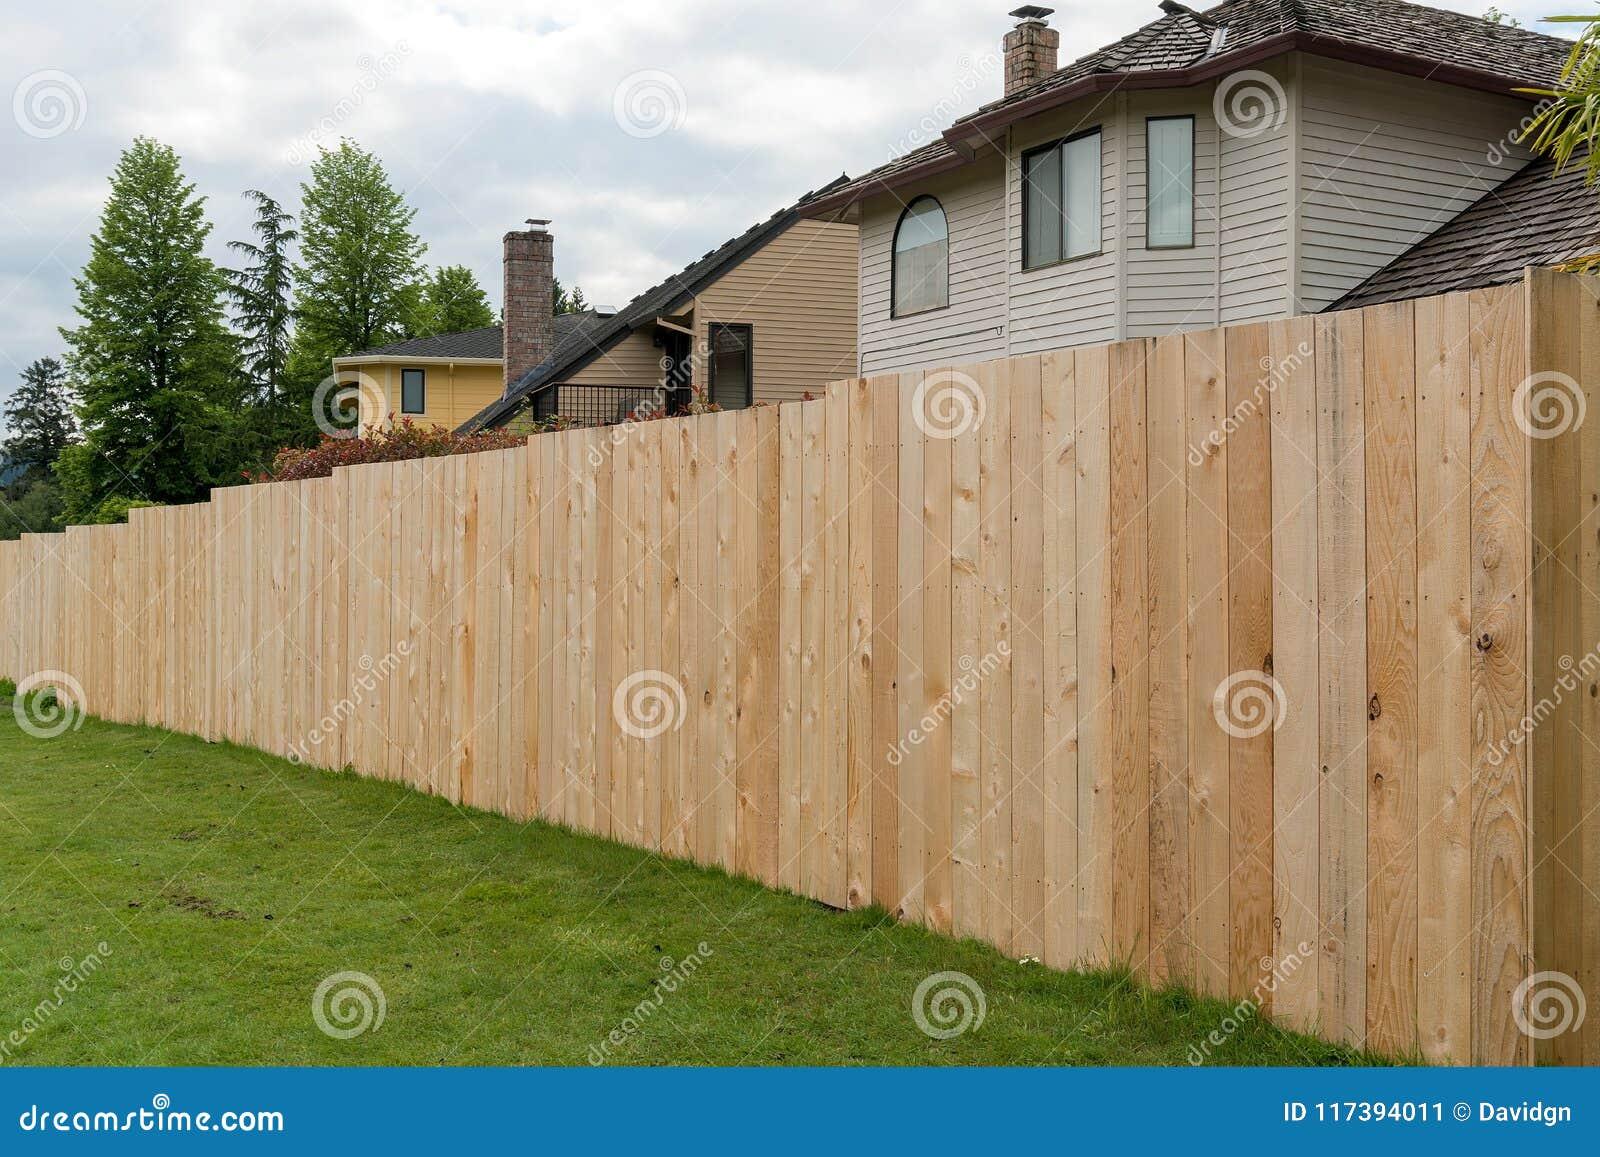 Cedar Wood Fencing ao longo do quintal home